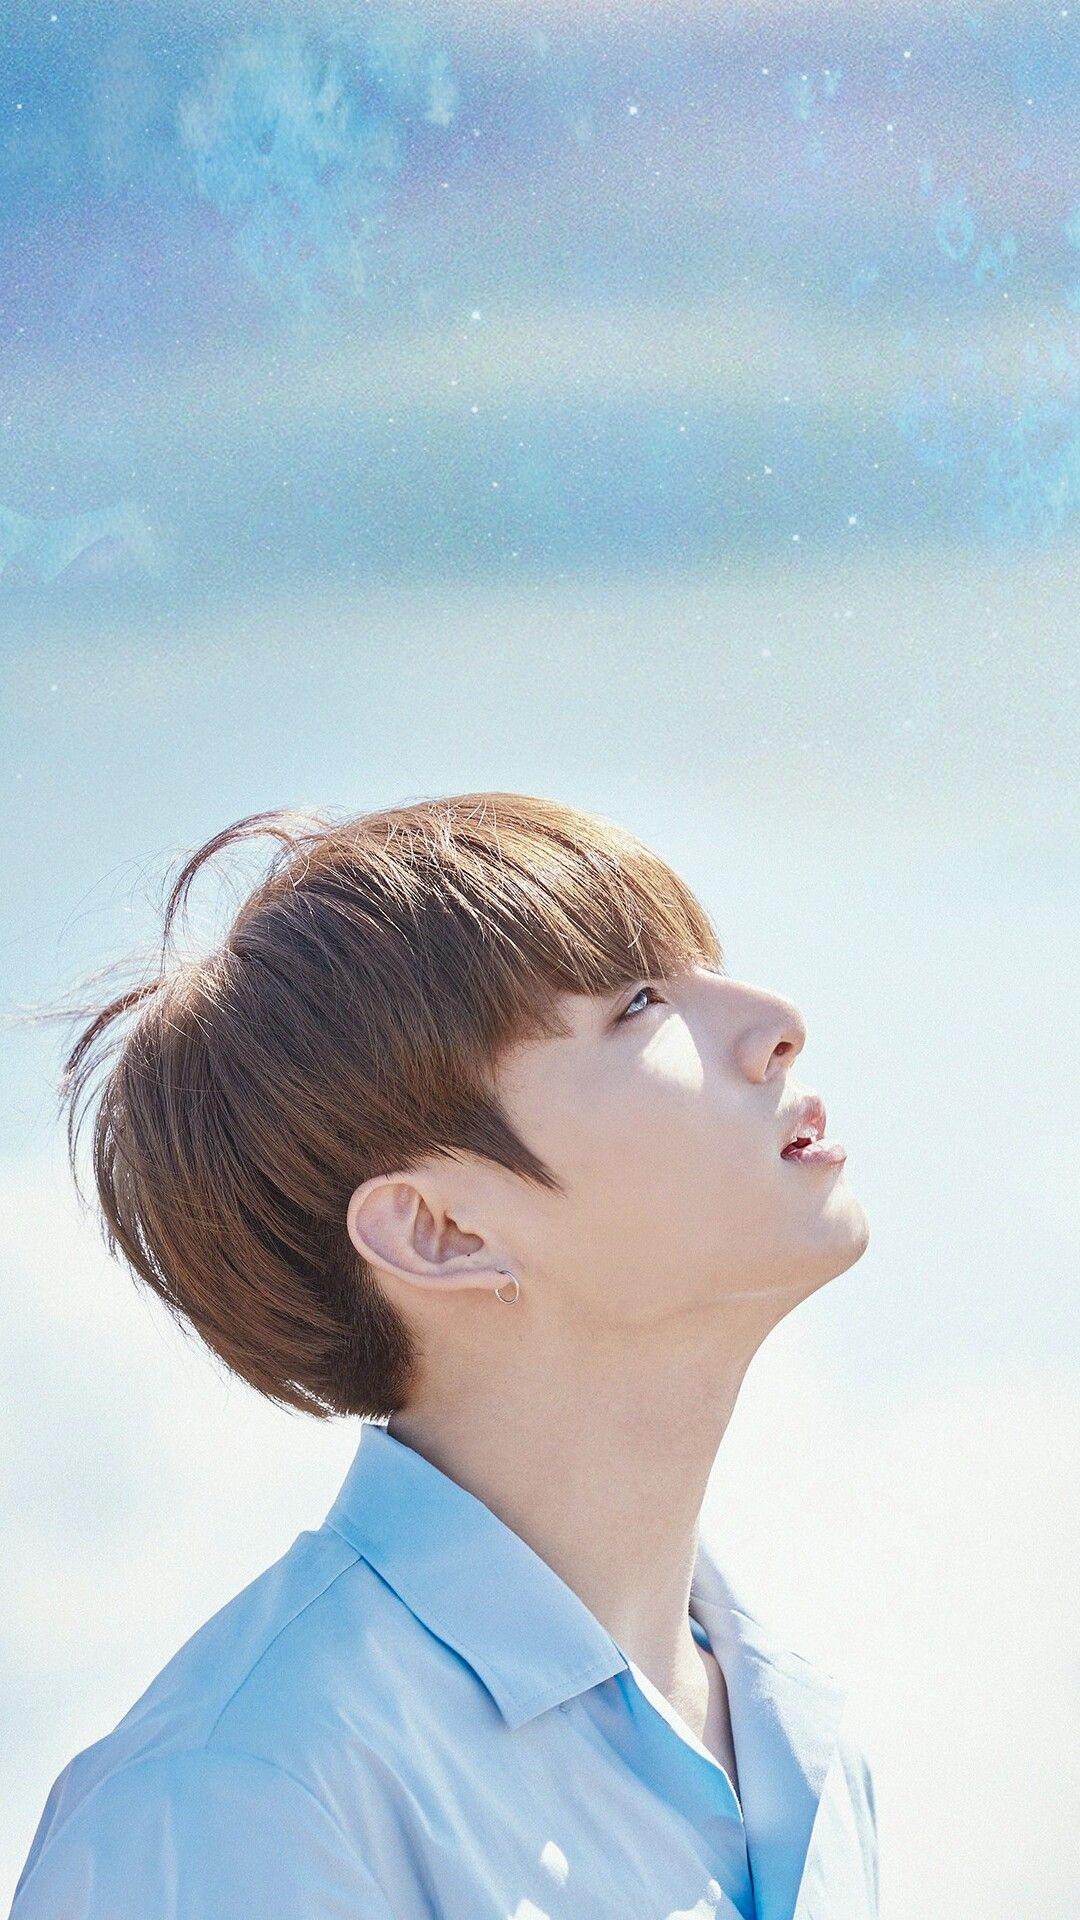 Jungkook wallpaper BTS 2018 Seasons greetings BTS di 2019 1080x1920